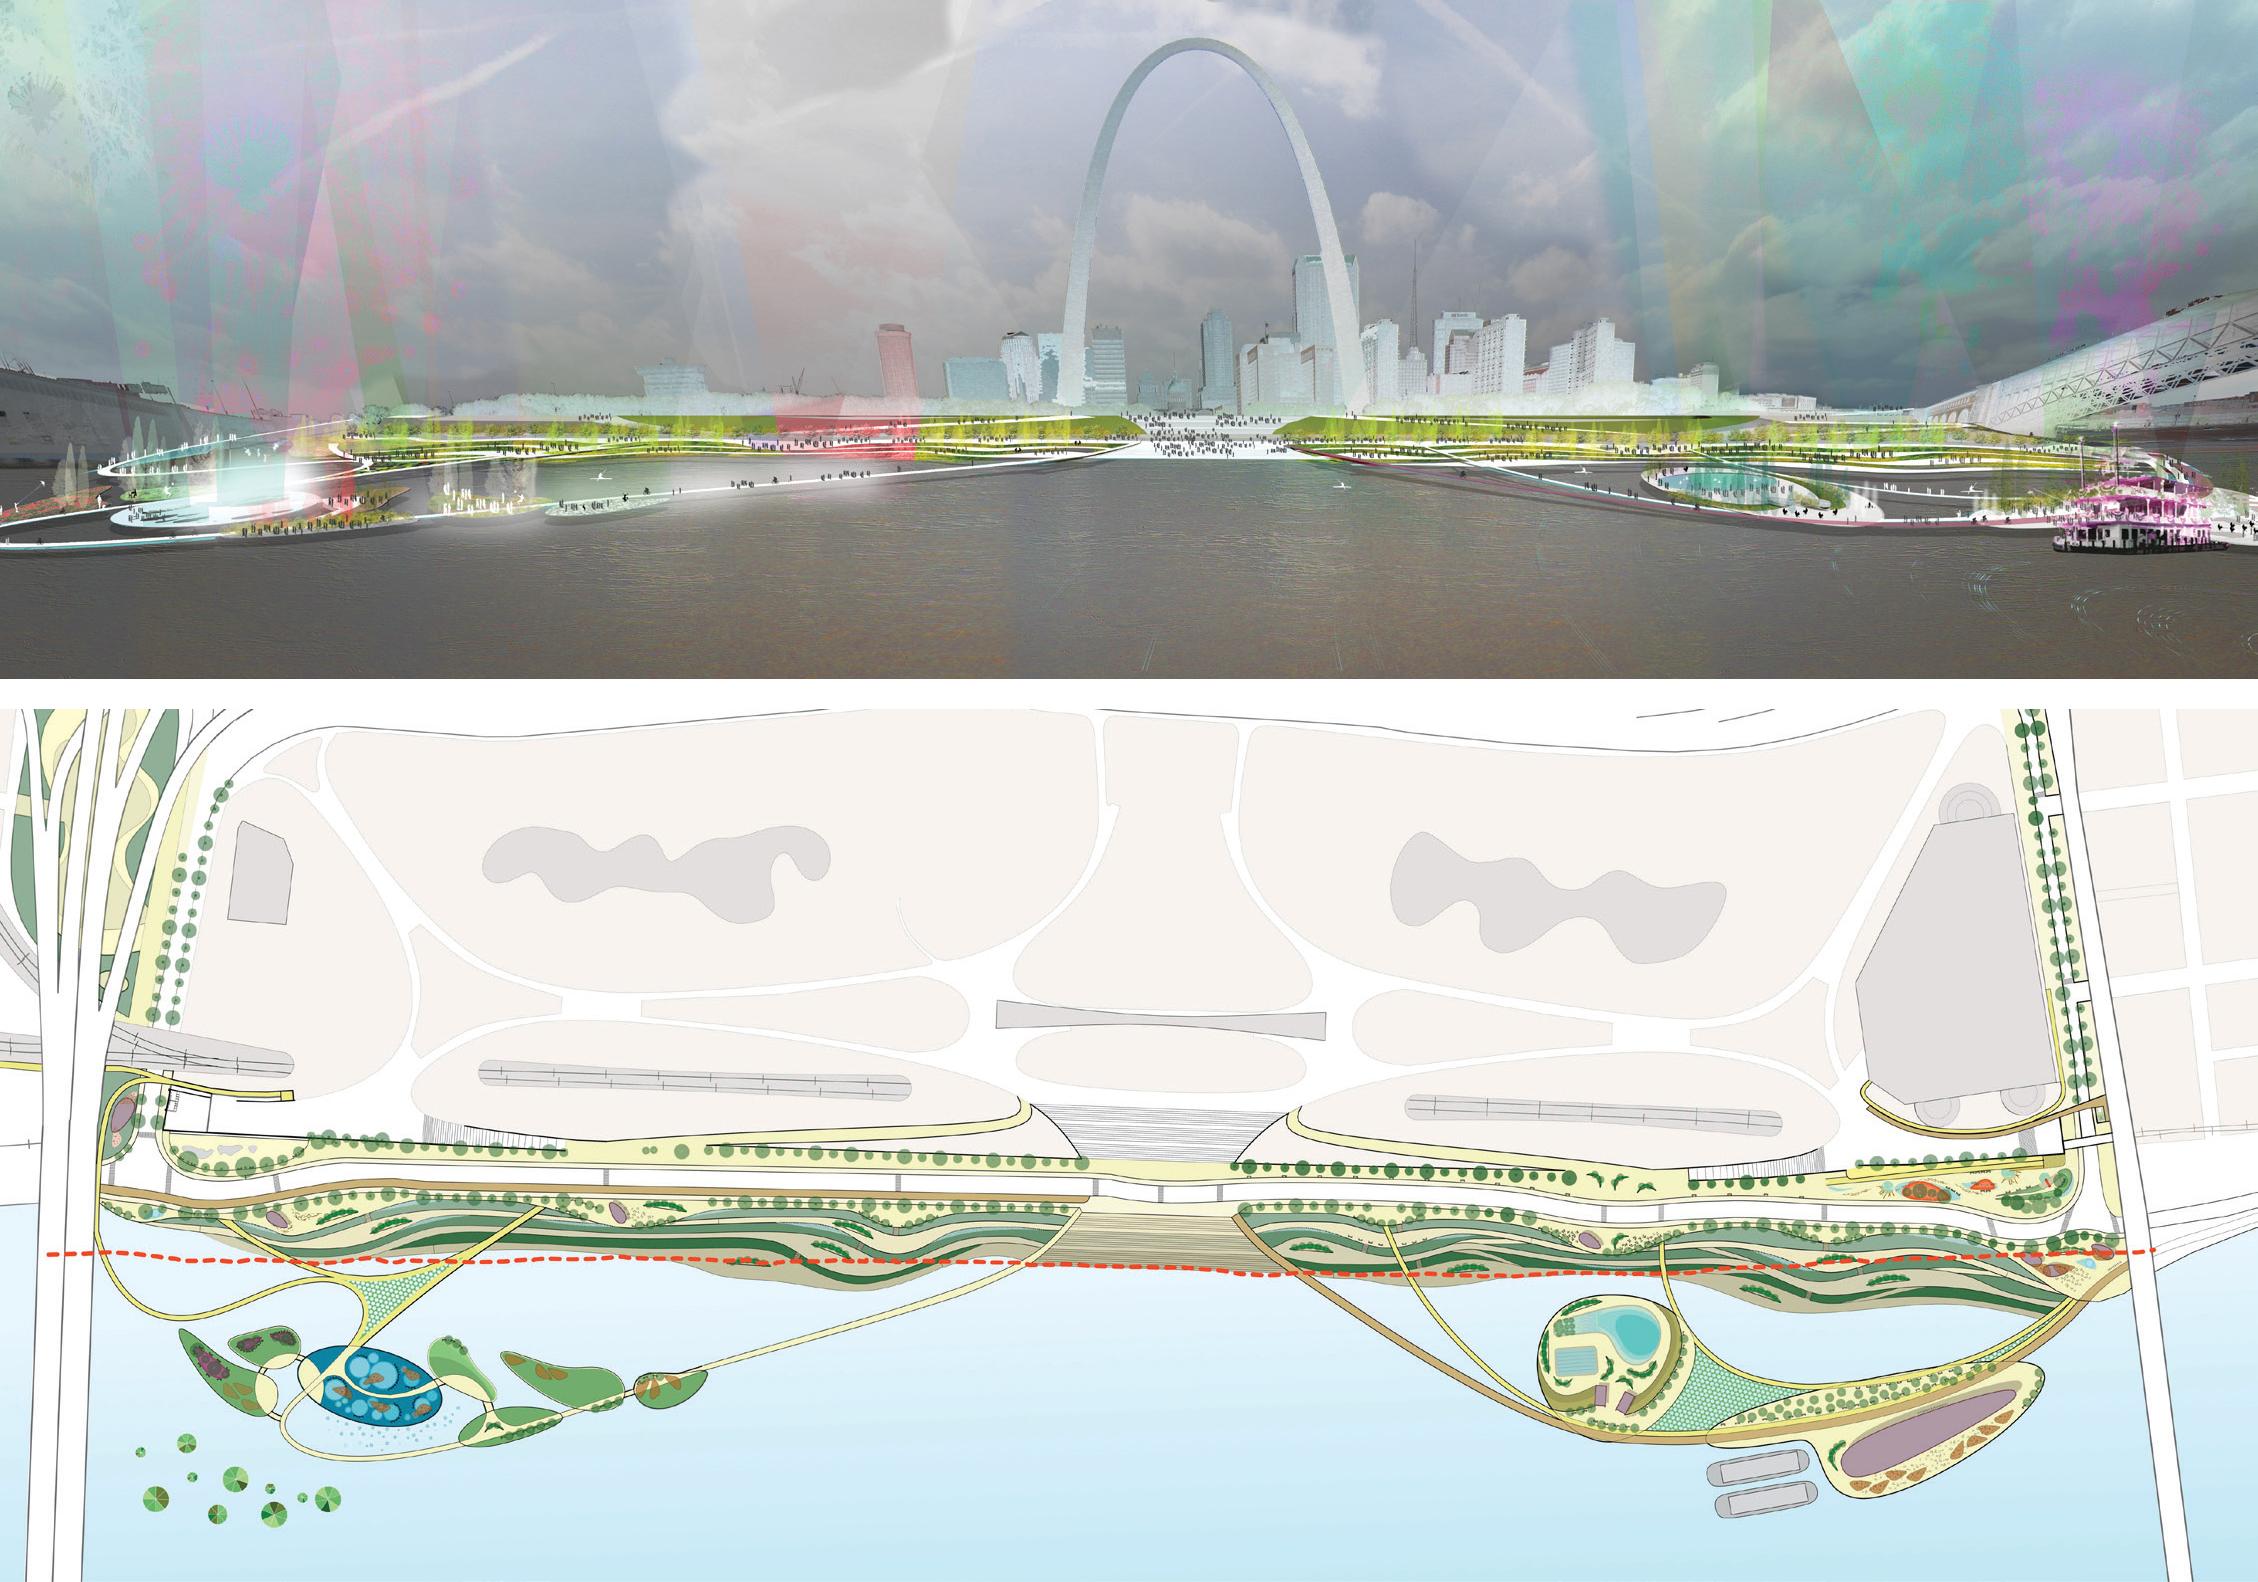 BA_St Louis Waterfront_Plan rendering.jpg